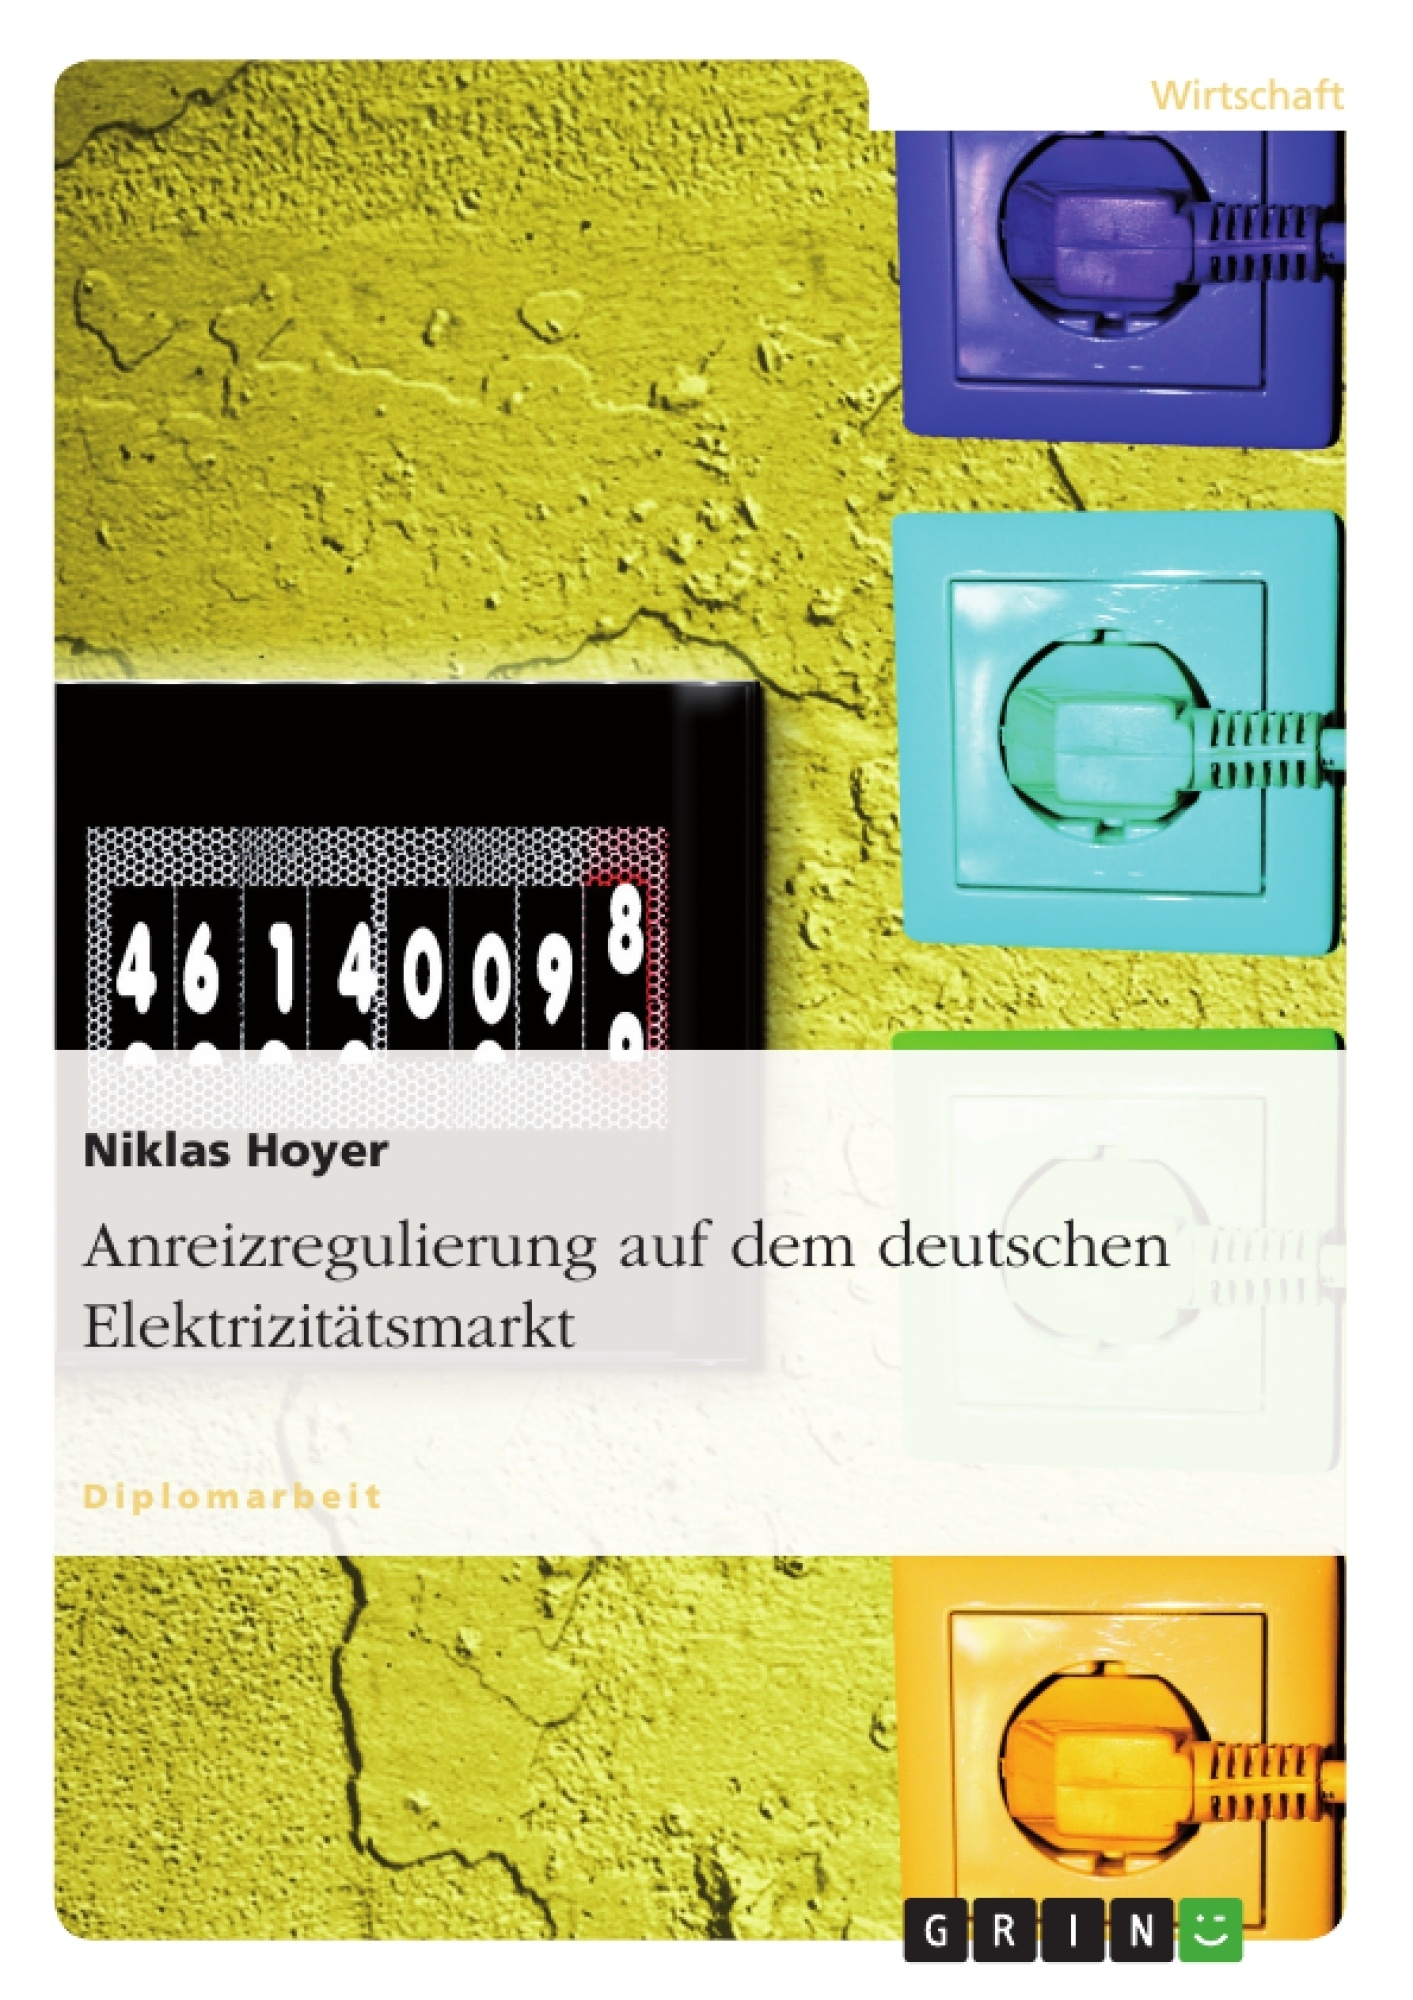 Titel: Anreizregulierung auf dem deutschen Elektrizitätsmarkt